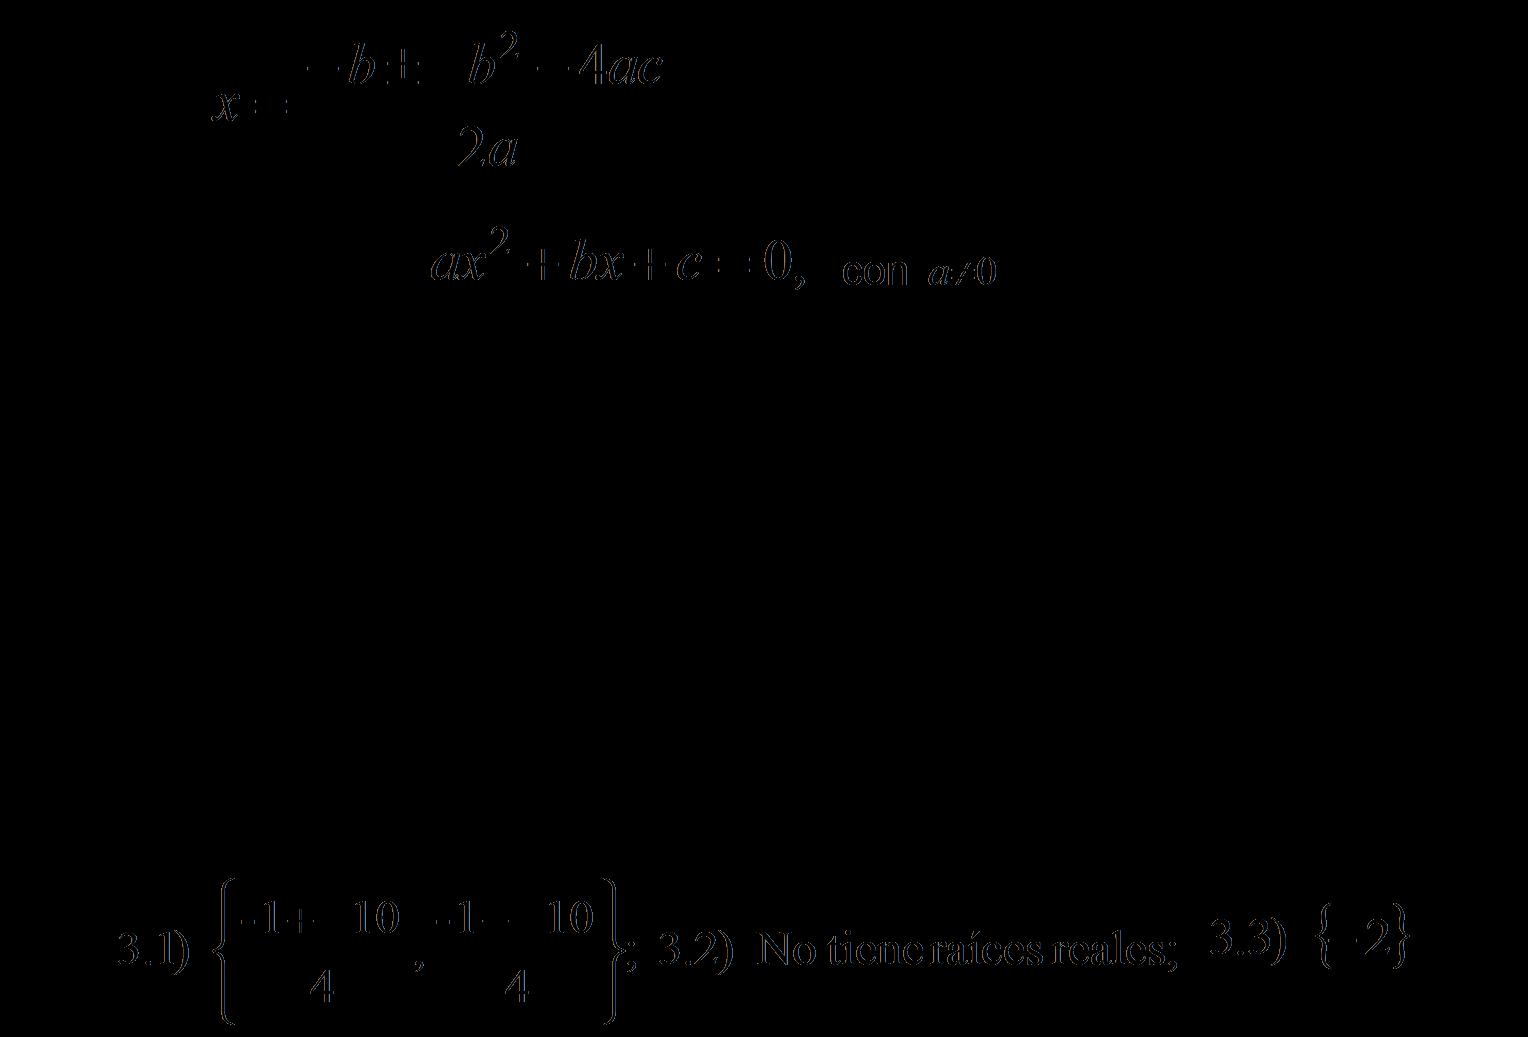 Formula Para Hacer Ecuaciones De Segundo Grado